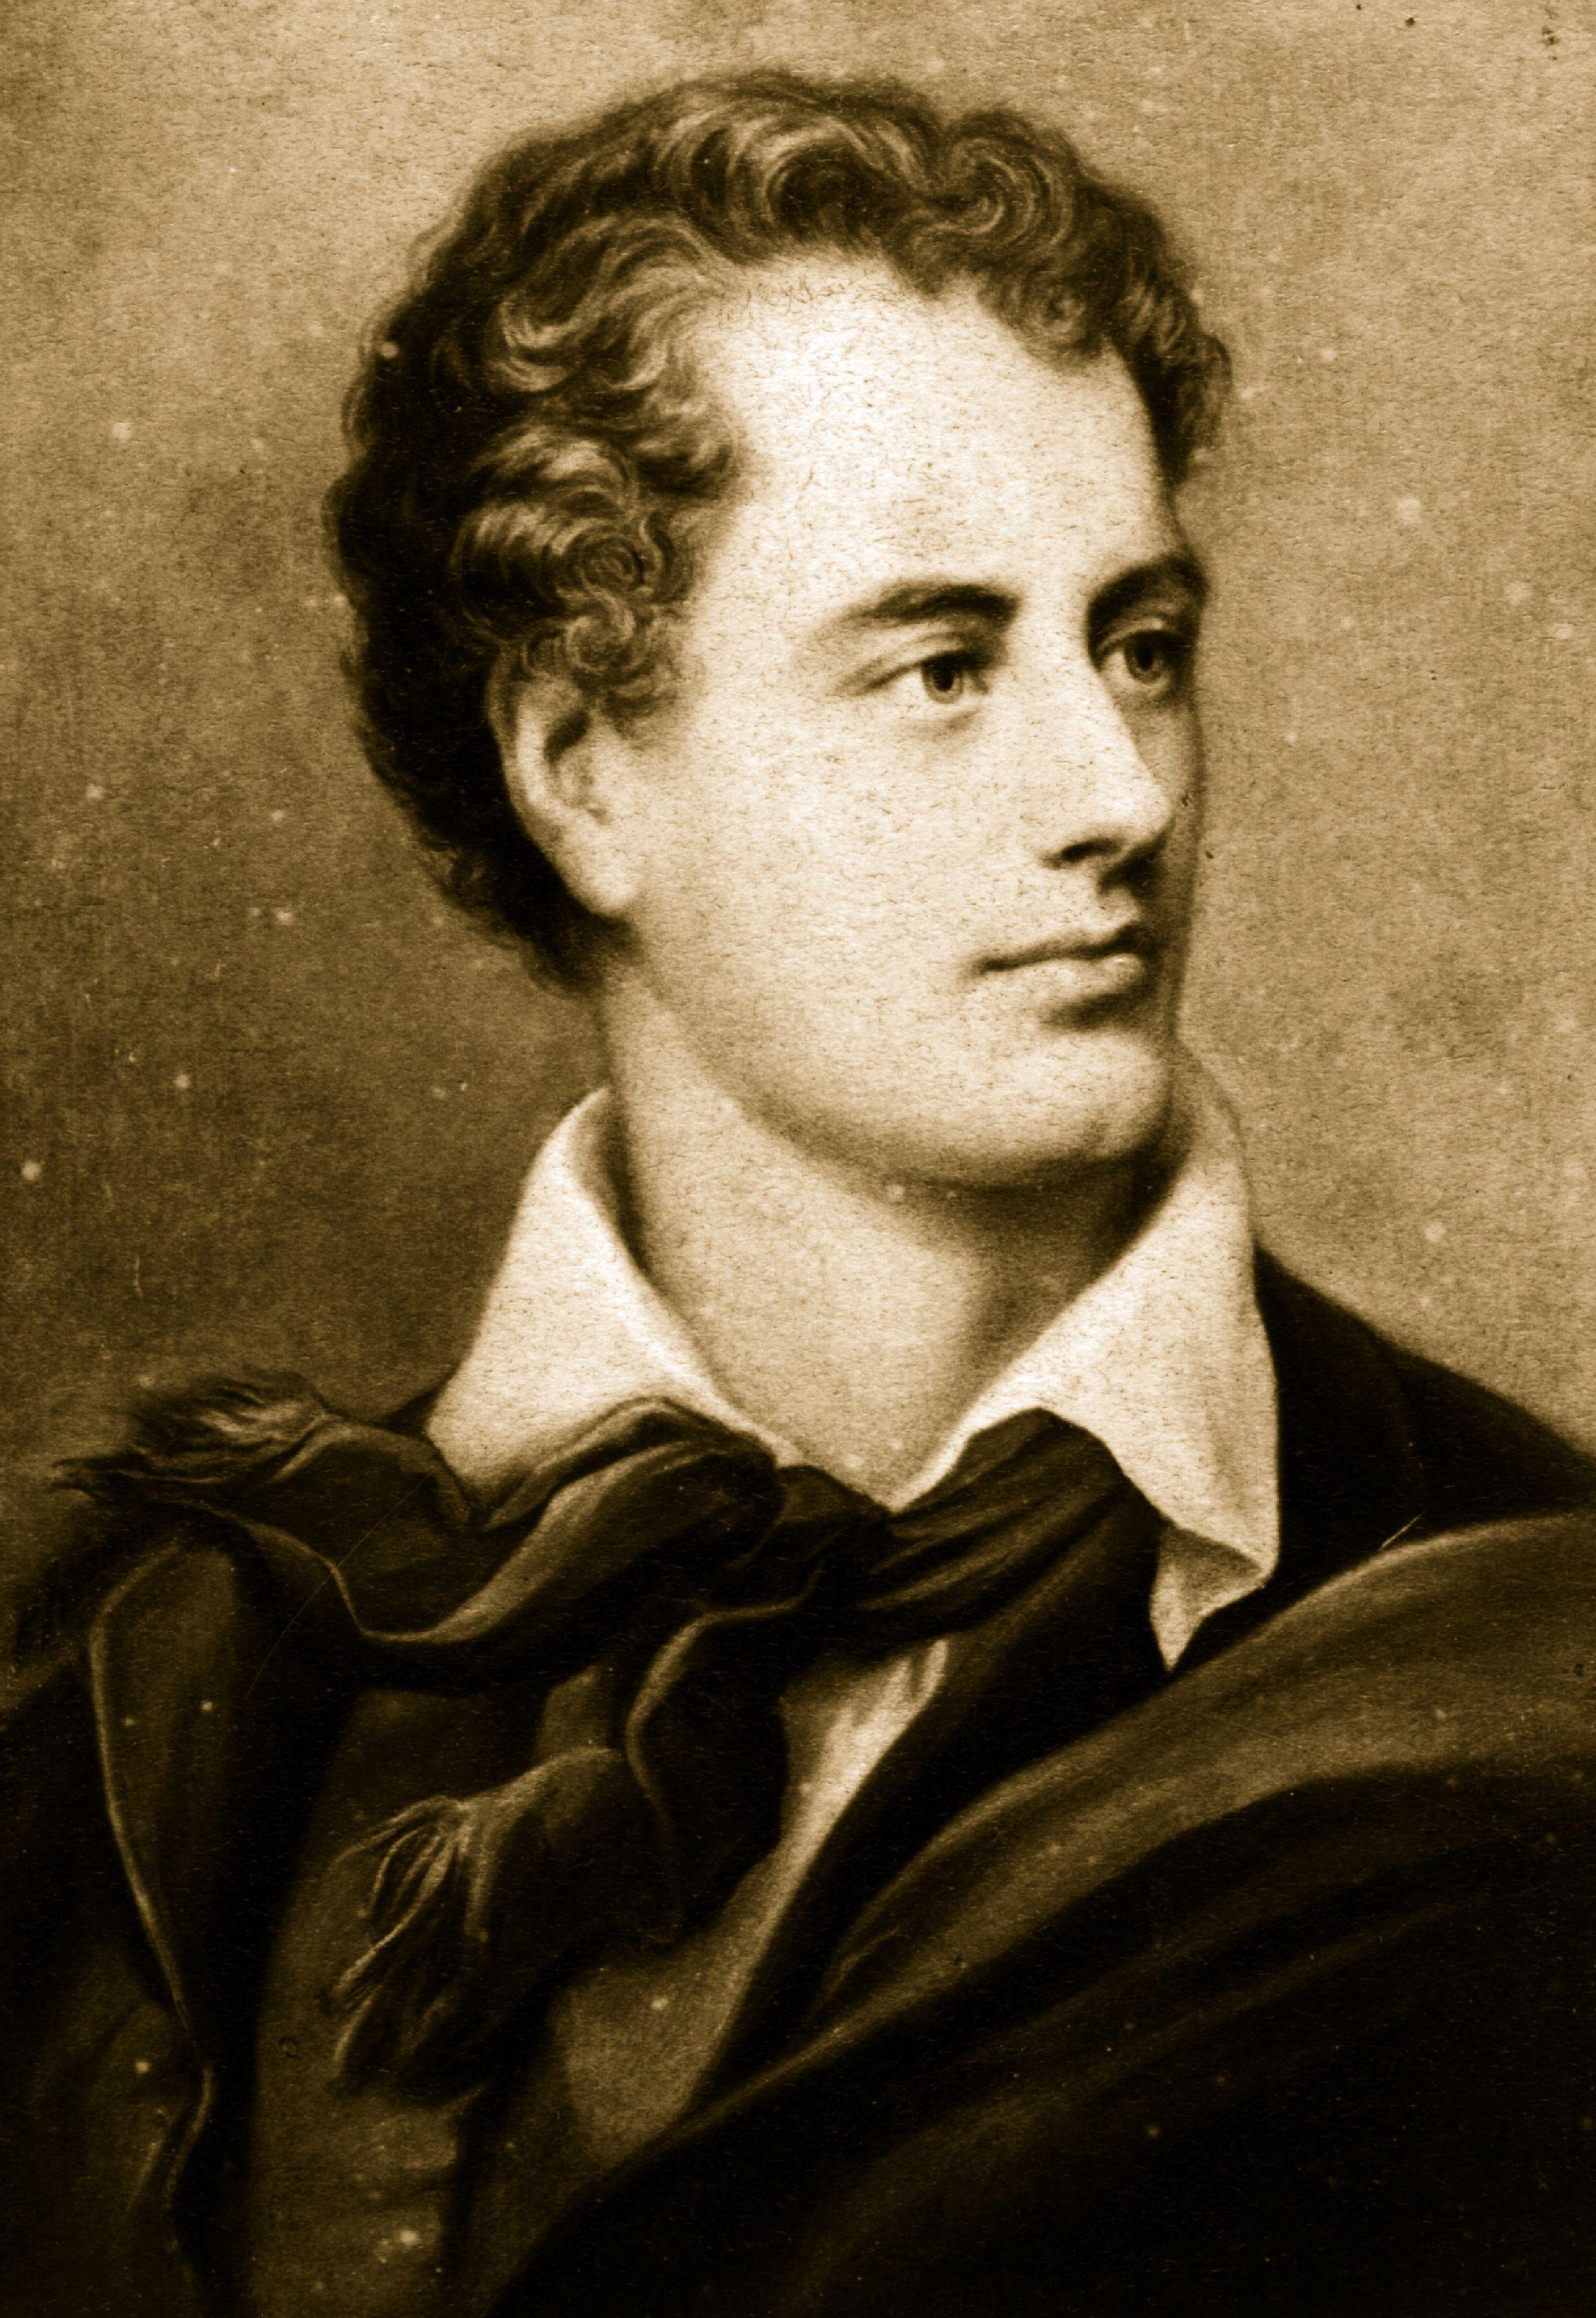 Famous Poets Of The Romantic Era